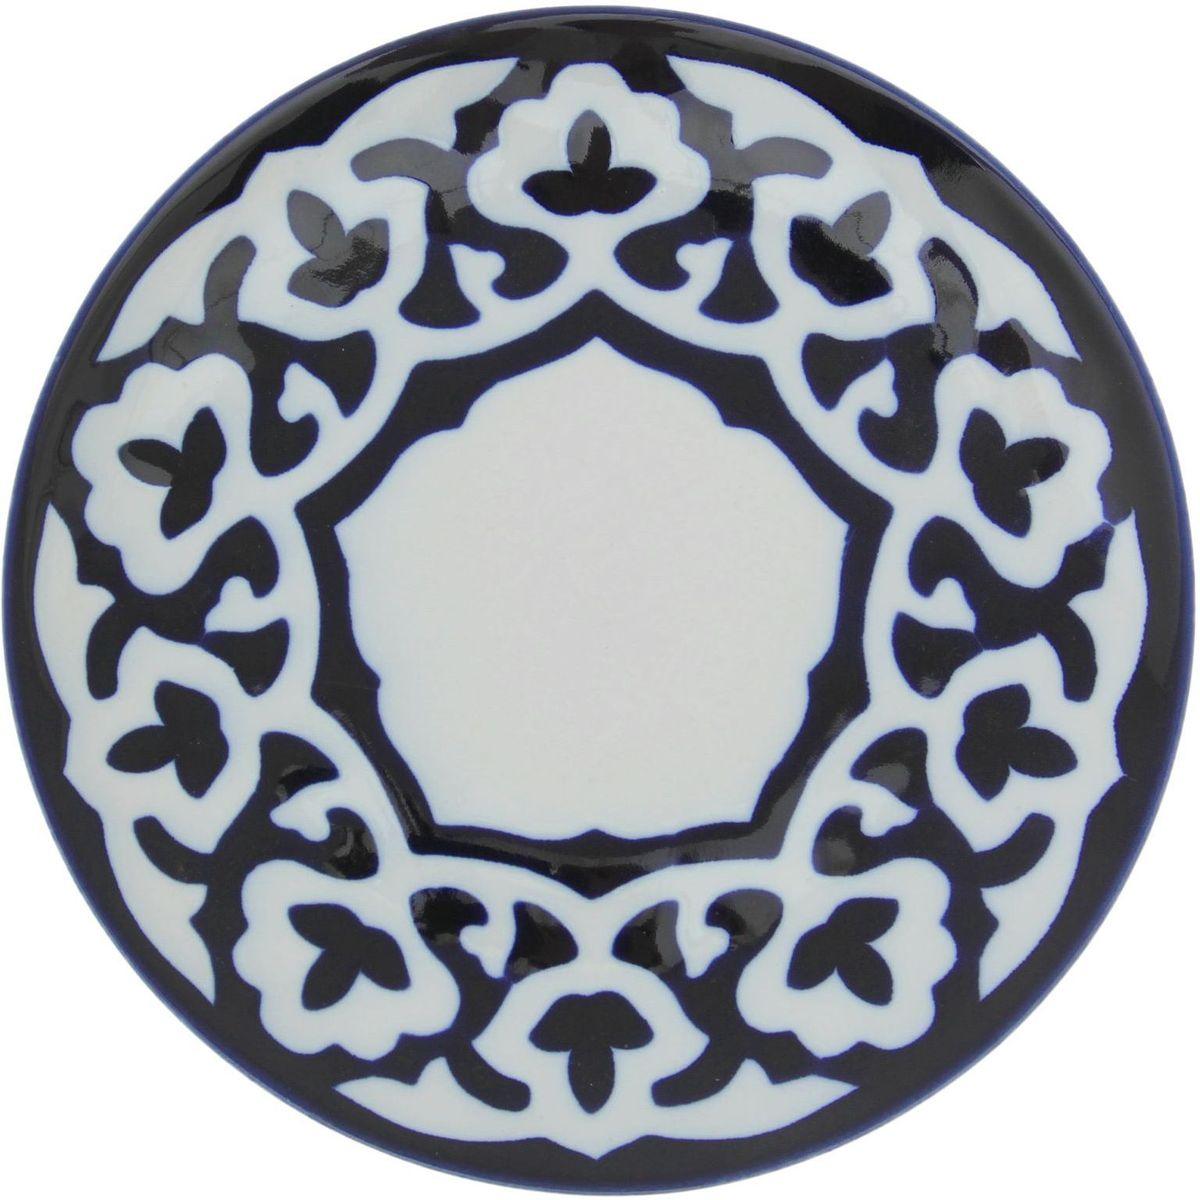 Тарелка Turon Porcelain Пахта, цвет: белый, синий, диаметр 22,5 см1386447Узбекская посуда известна всему миру уже более тысячи лет. Ей любовались царские особы, на ней подавали еду для шейхов и знатных персон. Формулы красок и глазури передаются из поколения в поколение. По сей день качественные расписные изделия продолжают восхищать совершенством и завораживающей красотой. Тарелка Turon Porcelain Пахта подойдет для повседневной и праздничной сервировки. Дополните стол текстилем и салфетками в тон, чтобы получить элегантное убранство с яркими акцентами. Национальная узбекская роспись Пахта сдержанна и благородна. Витиеватые узоры выводятся тонкой кистью, а фон заливается кобальтом. Синий краситель при обжиге слегка растекается и придает контуру изображений голубой оттенок. Густая глазурь наносится толстым слоем, благодаря чему рисунок мерцает.